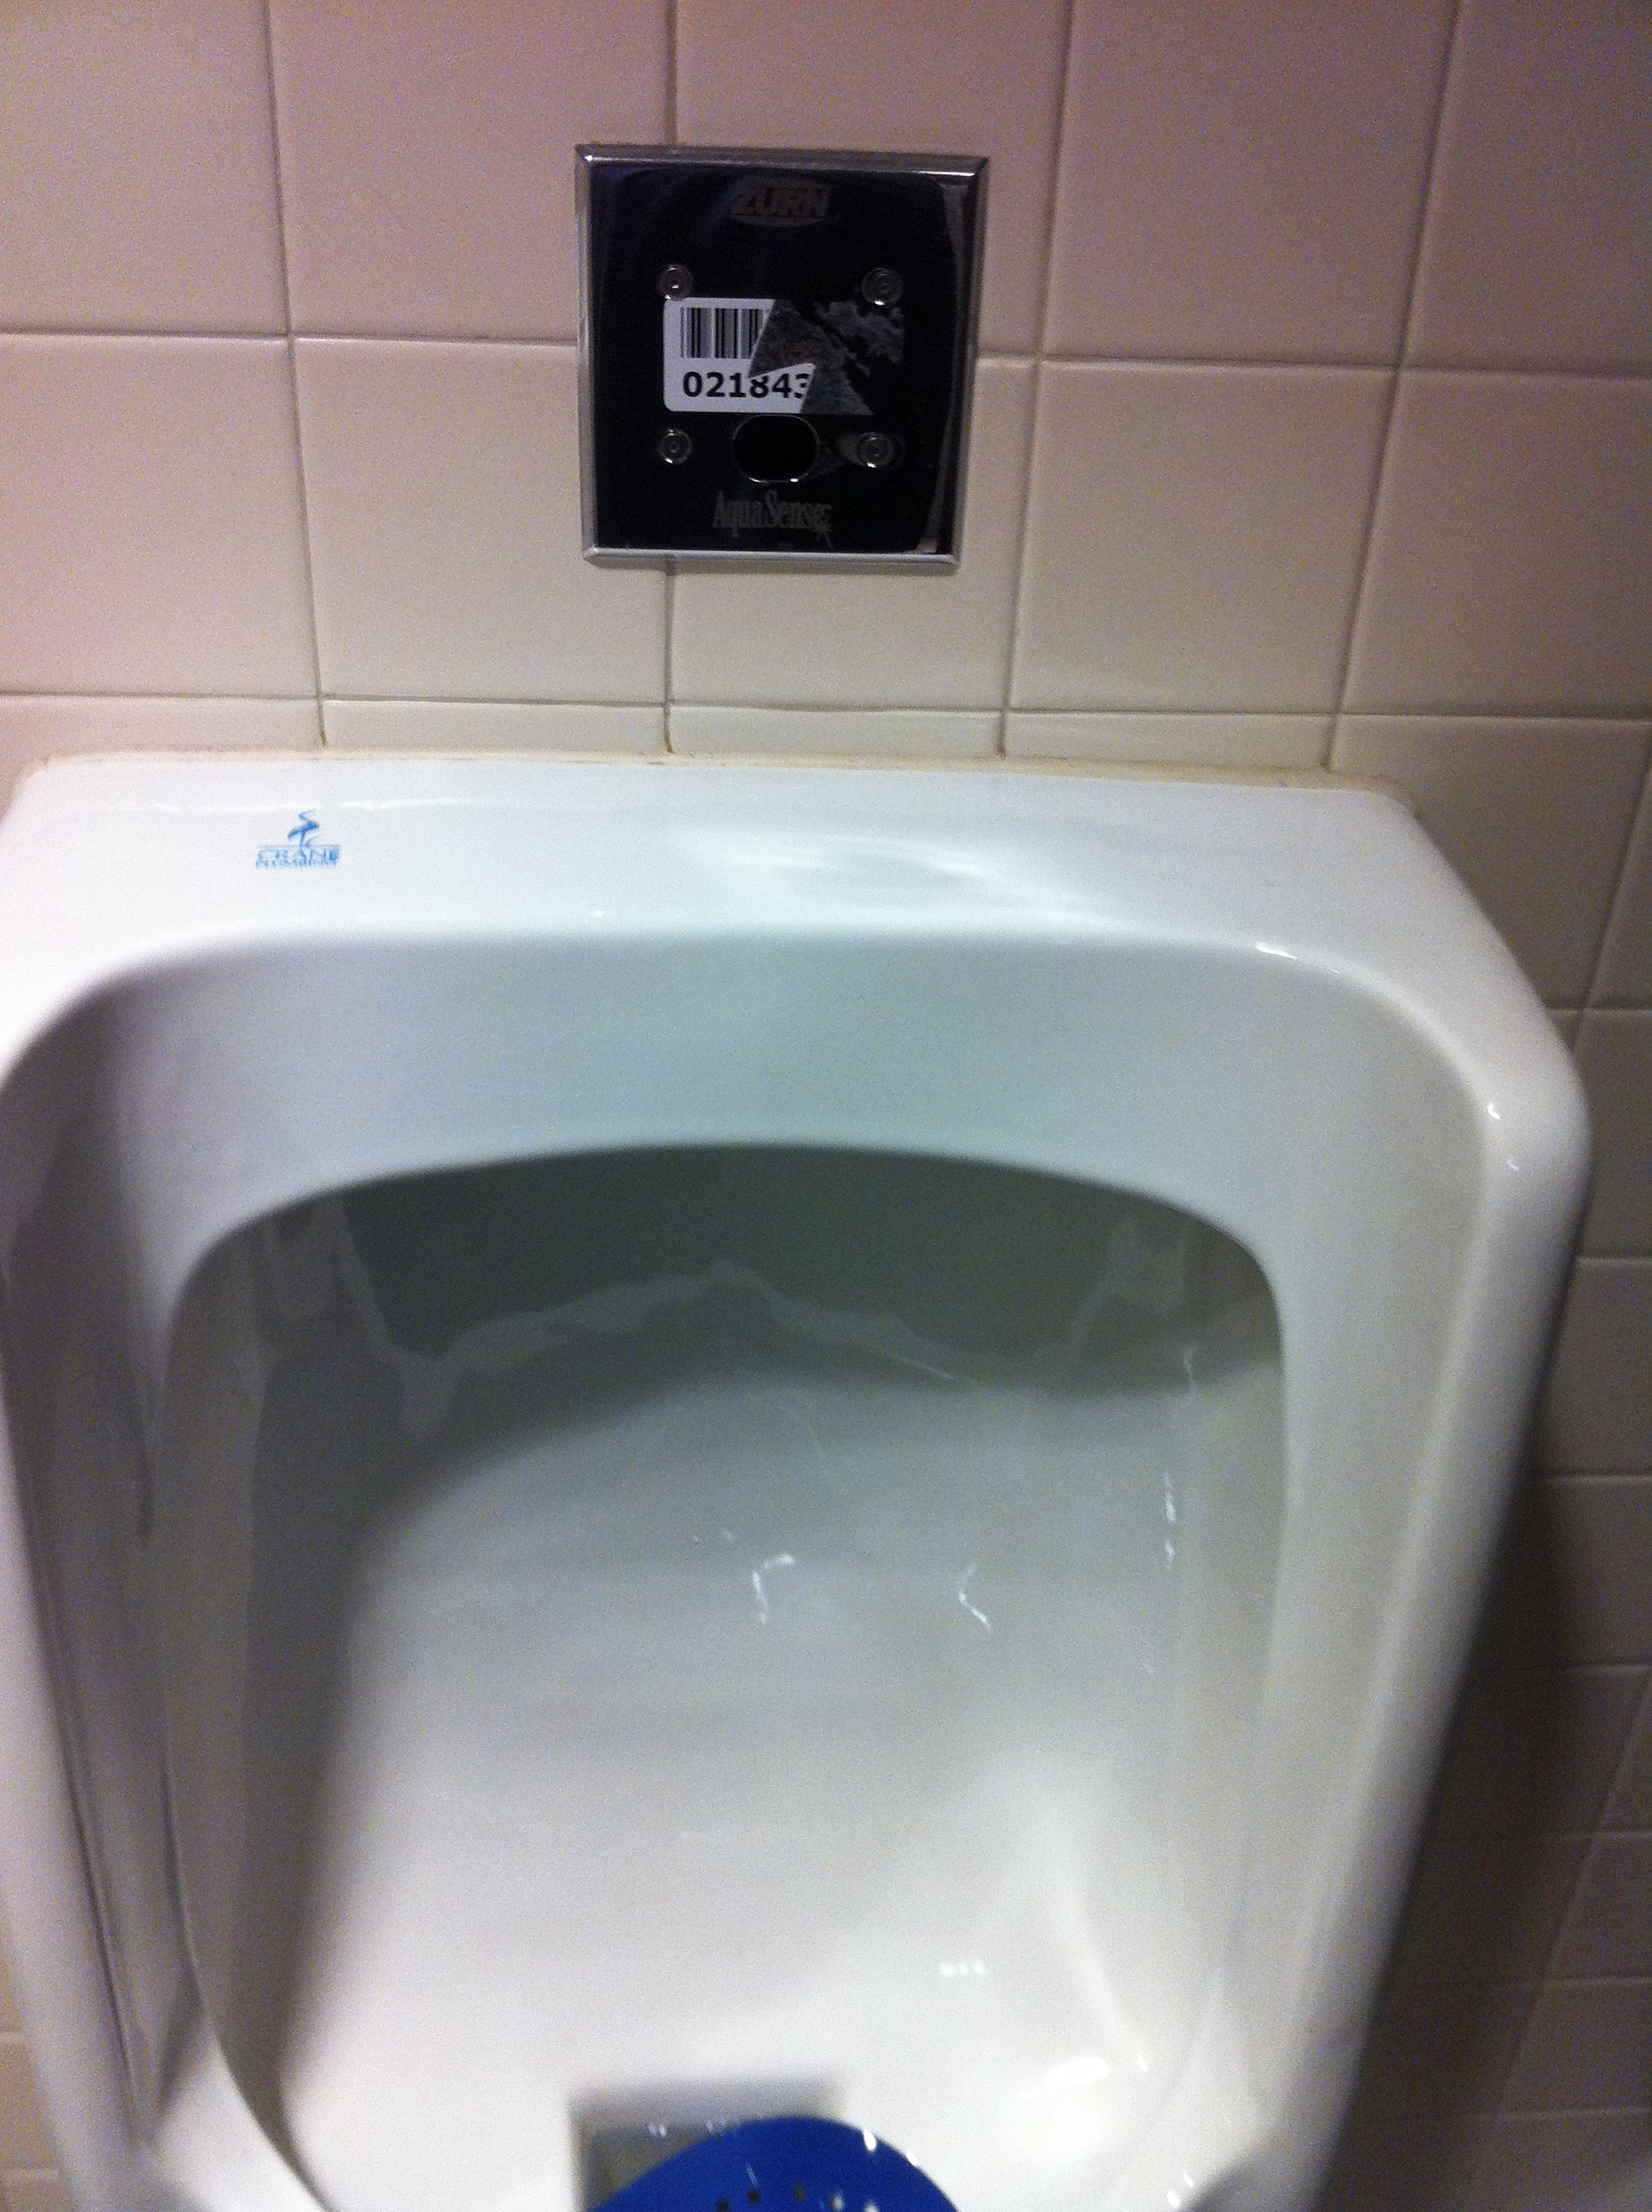 Peeing at the Circle K